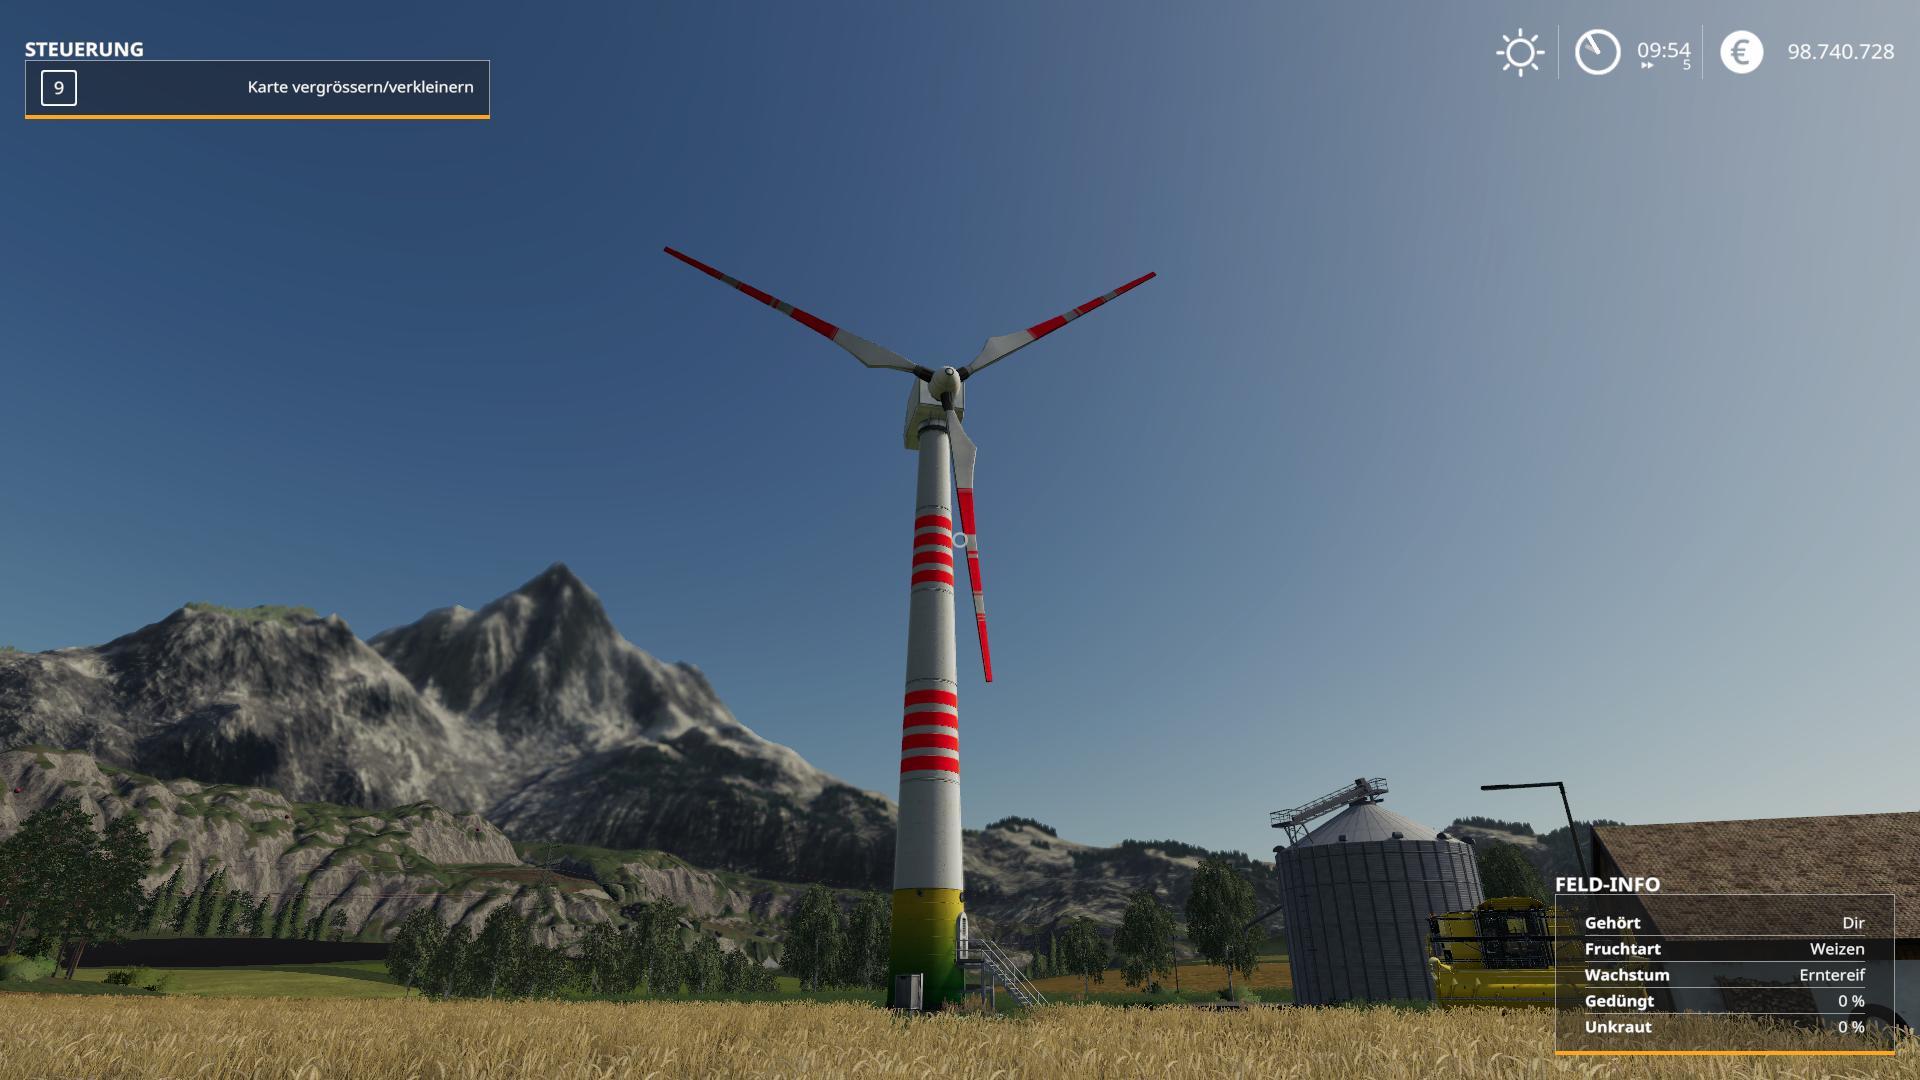 Platzierbare Windkraftanlage v 1.0